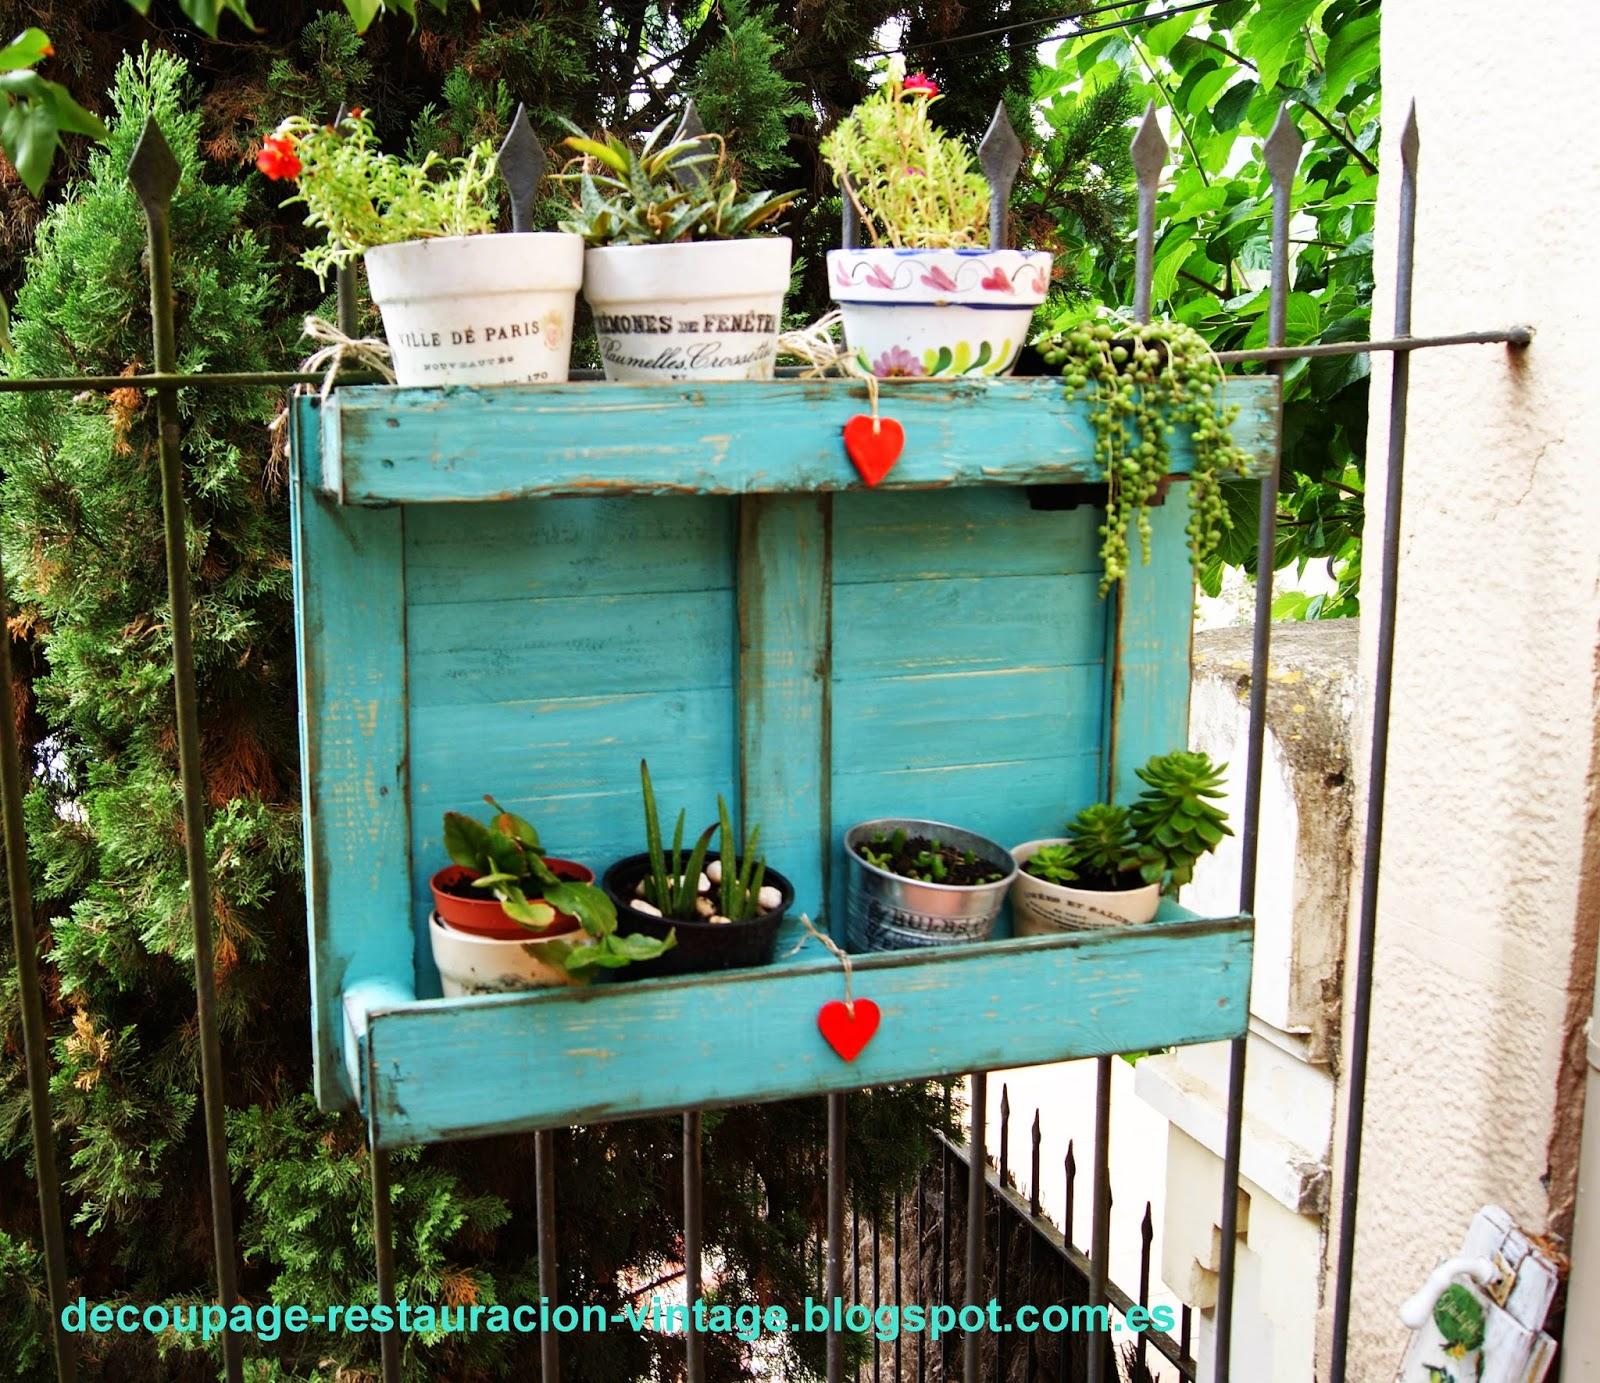 Decoupage transfer y otras t cnicas restauraci n de for Ideas para el patio de mi casa